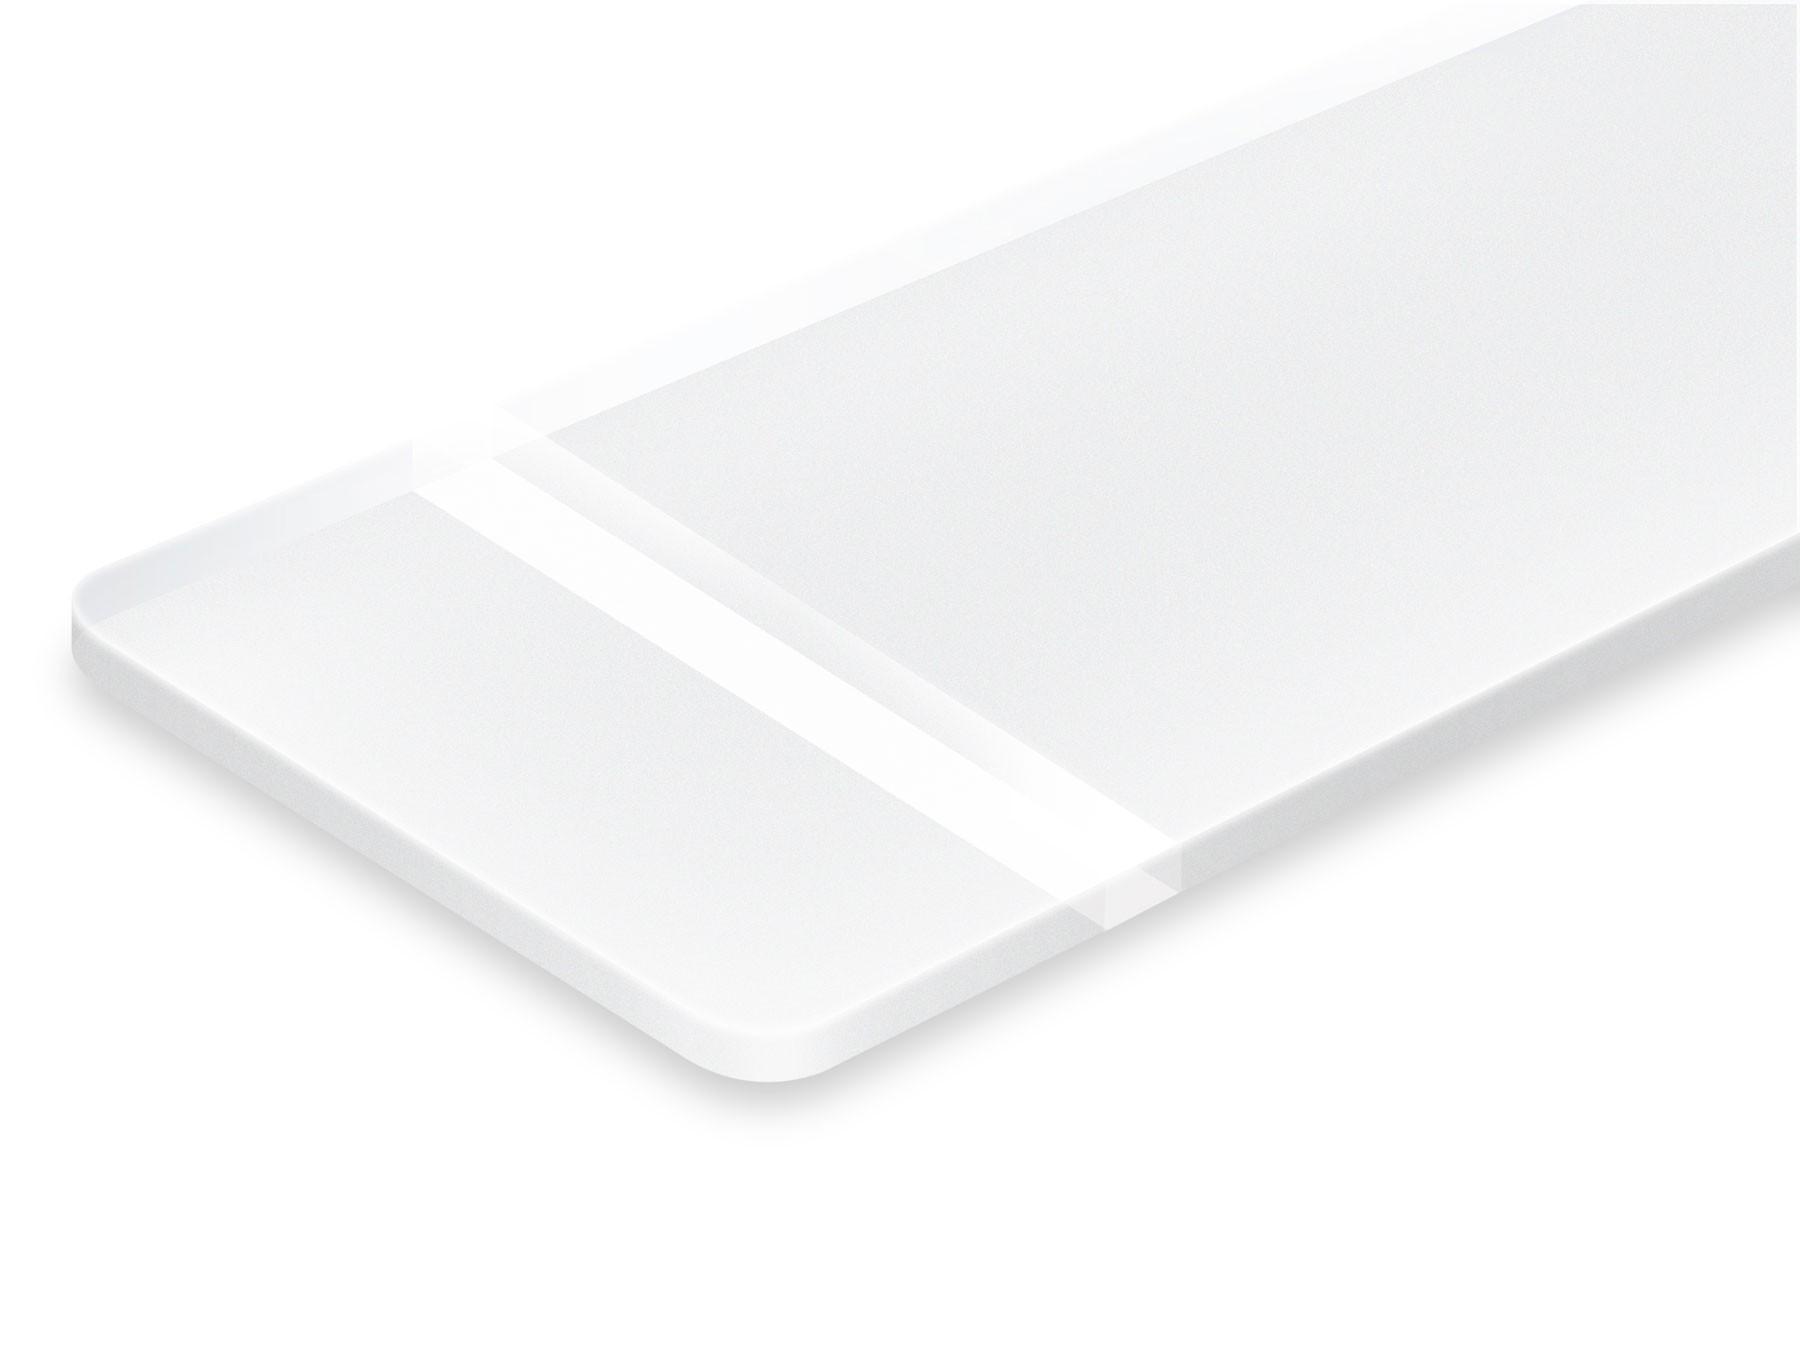 TroLase Reverse, Matte/White, 2ply, 1.6 mm